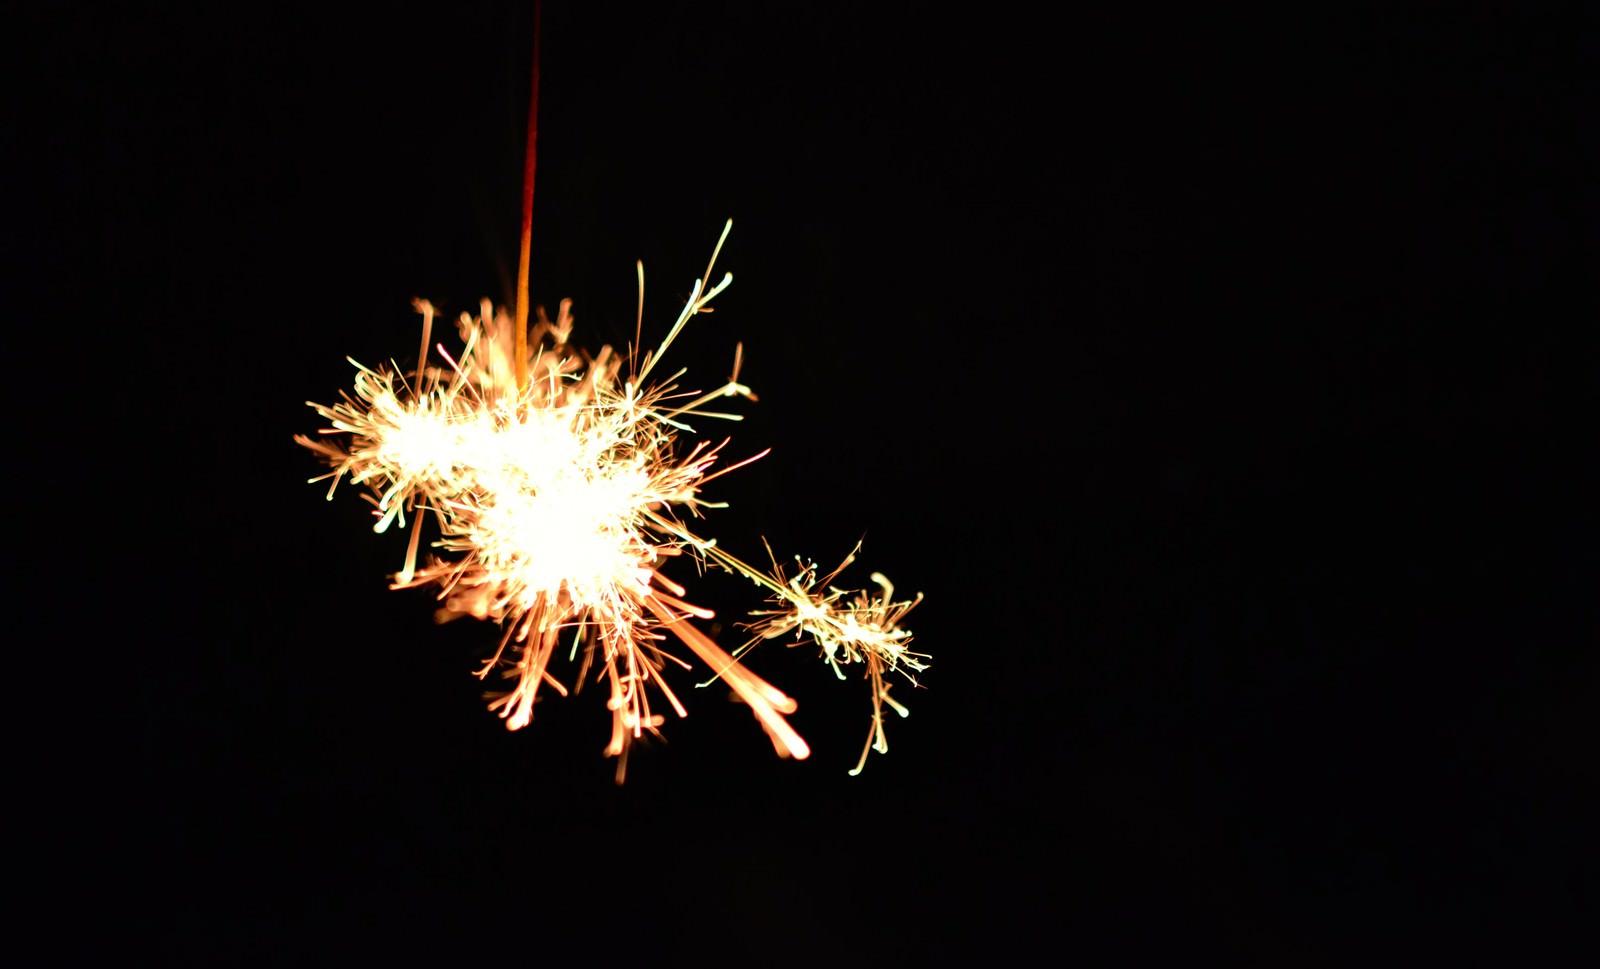 「夏の終わり線香花火」の写真